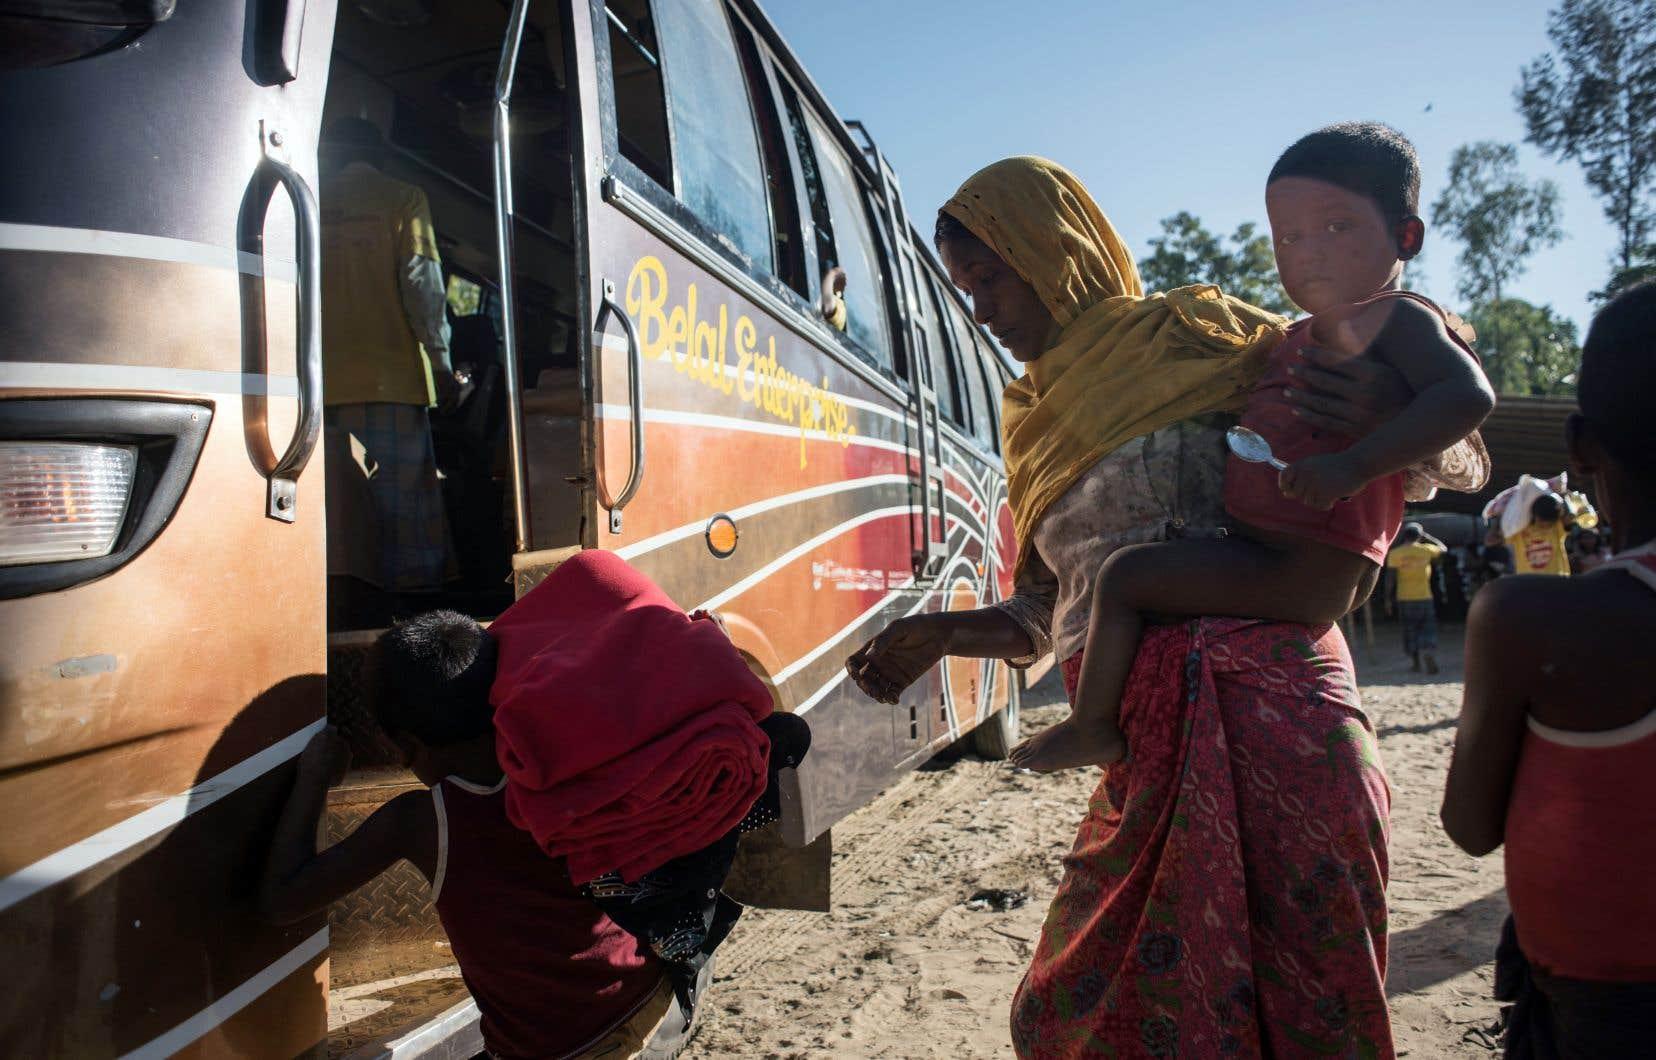 Des Rohingyas embarquent dans un bus avant de se rendre dans un camp de réfugiés après leur arrivée du Myanmar, près de Shah Barir Dip à Cox's bazar au Bangladesh, en décembre dernier.